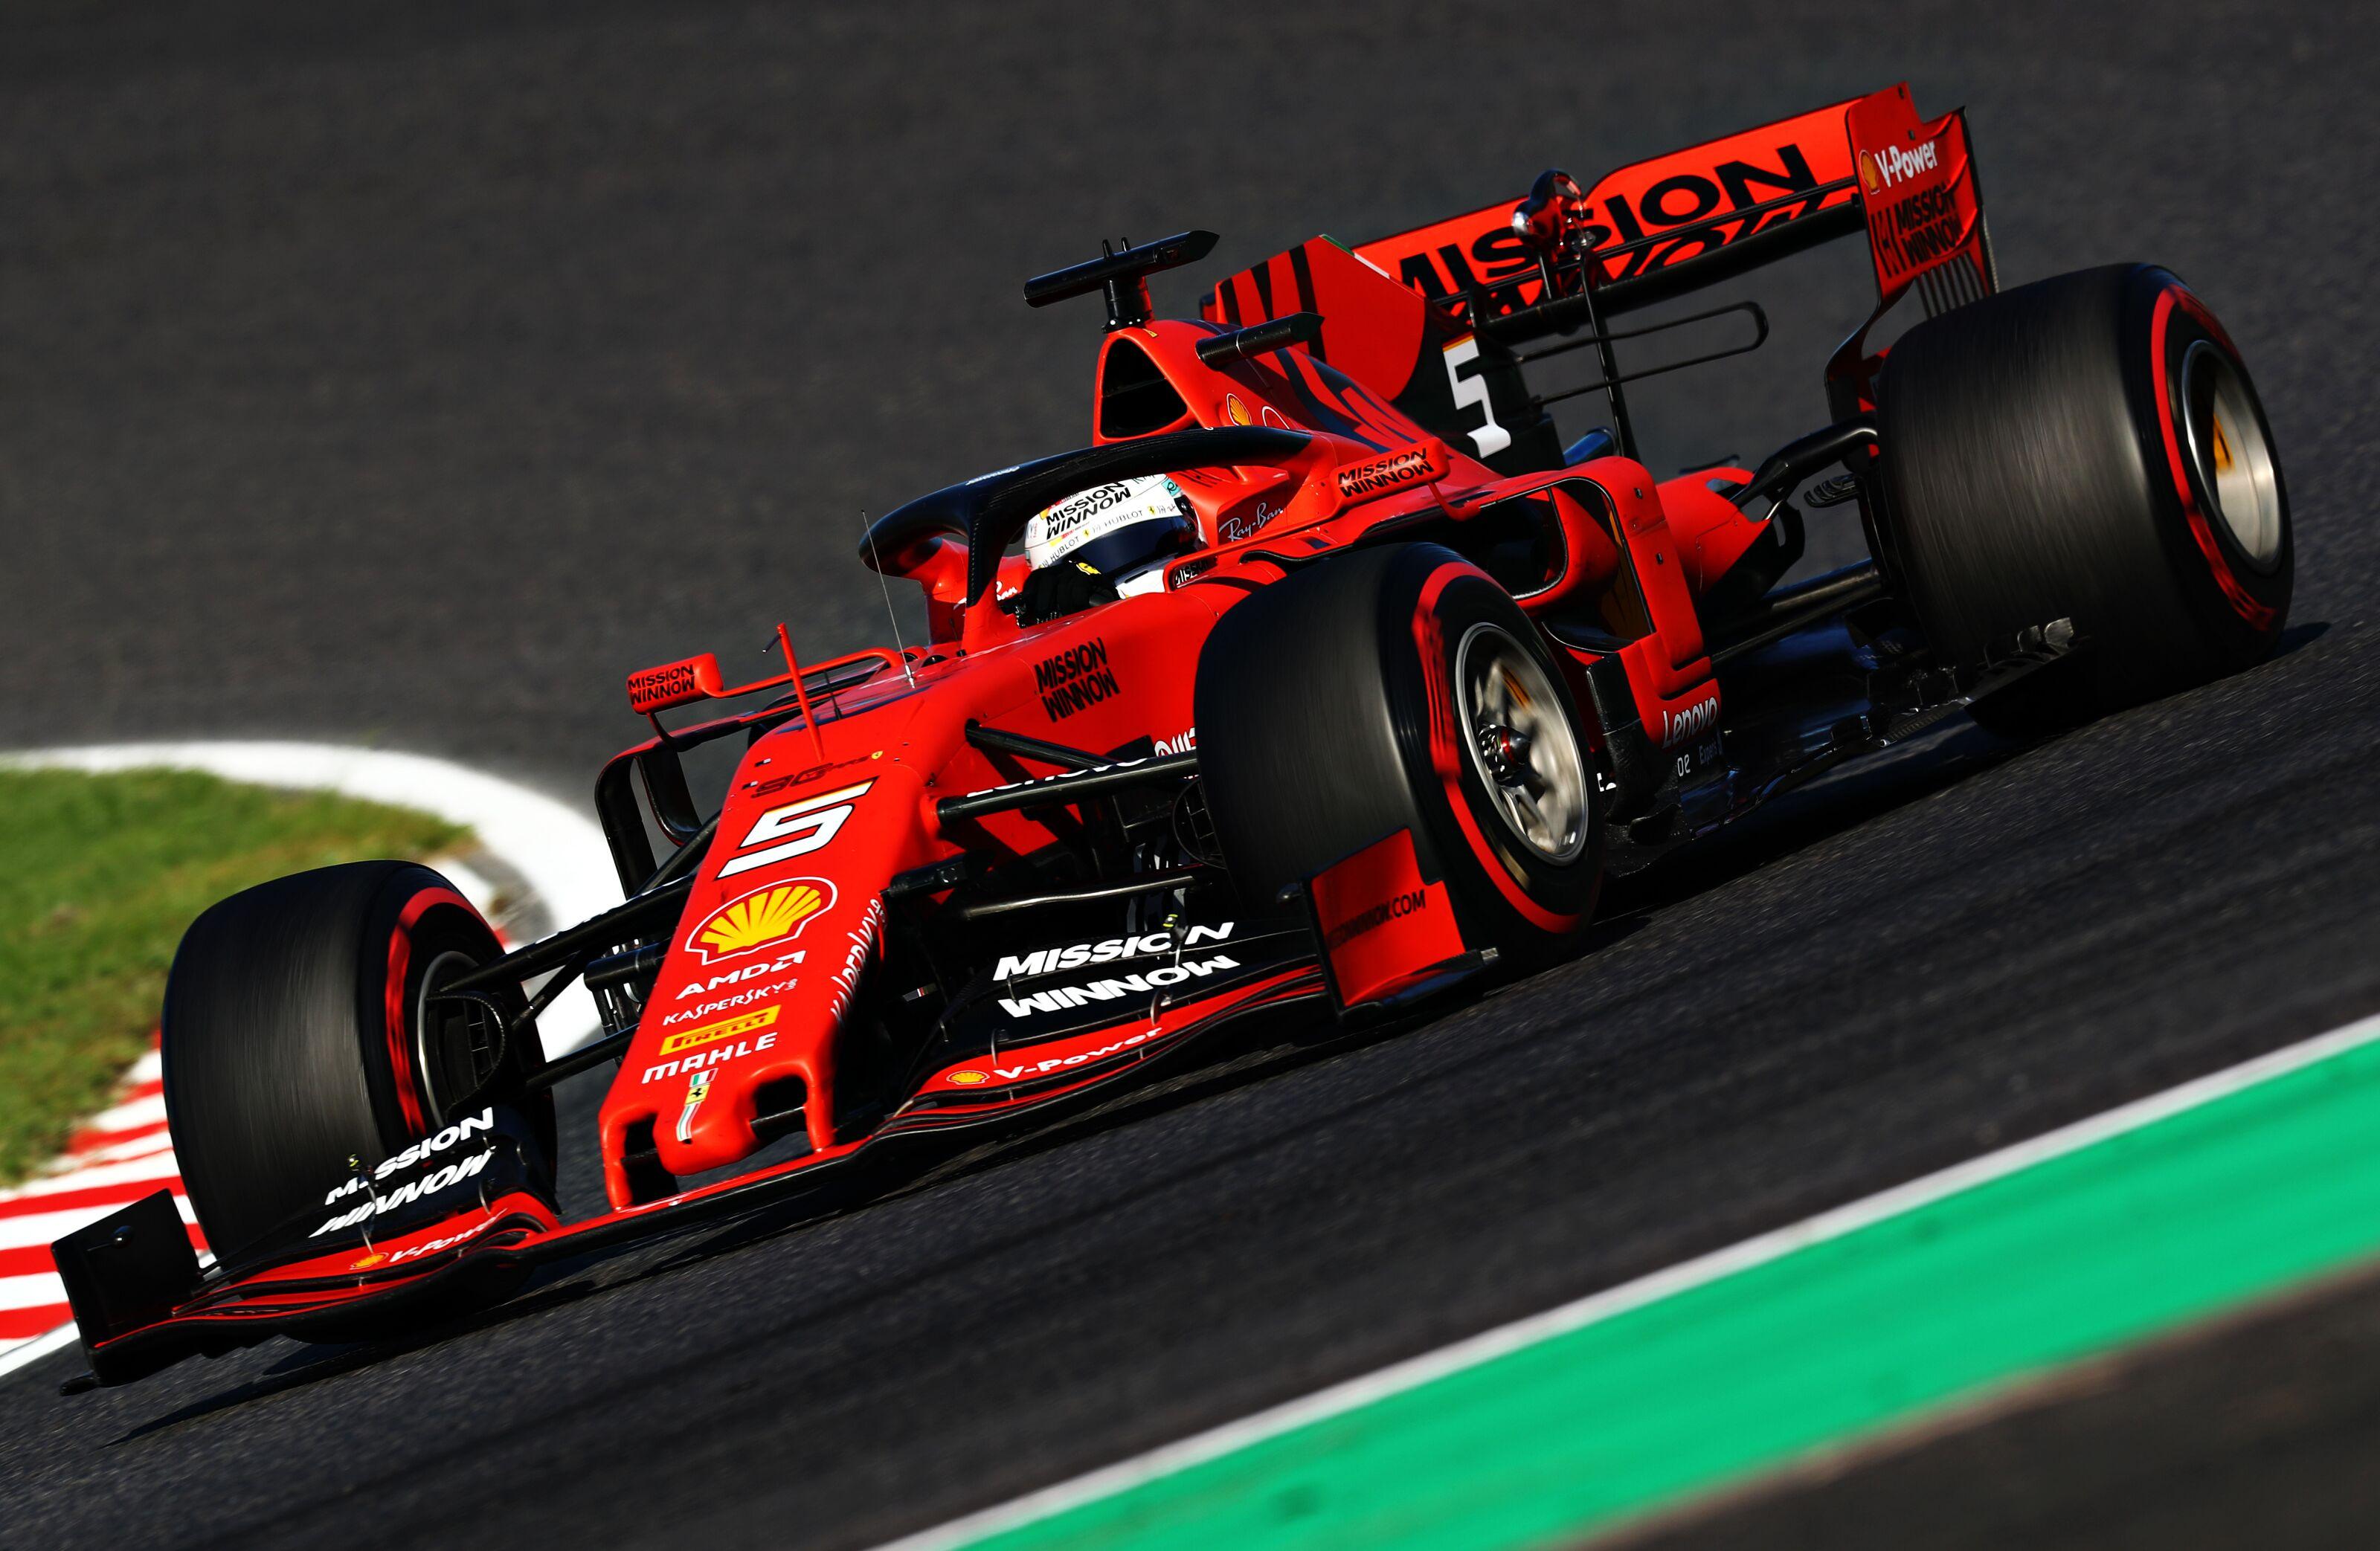 Formula 1: Why was Sebastian Vettel not penalized for his false start?